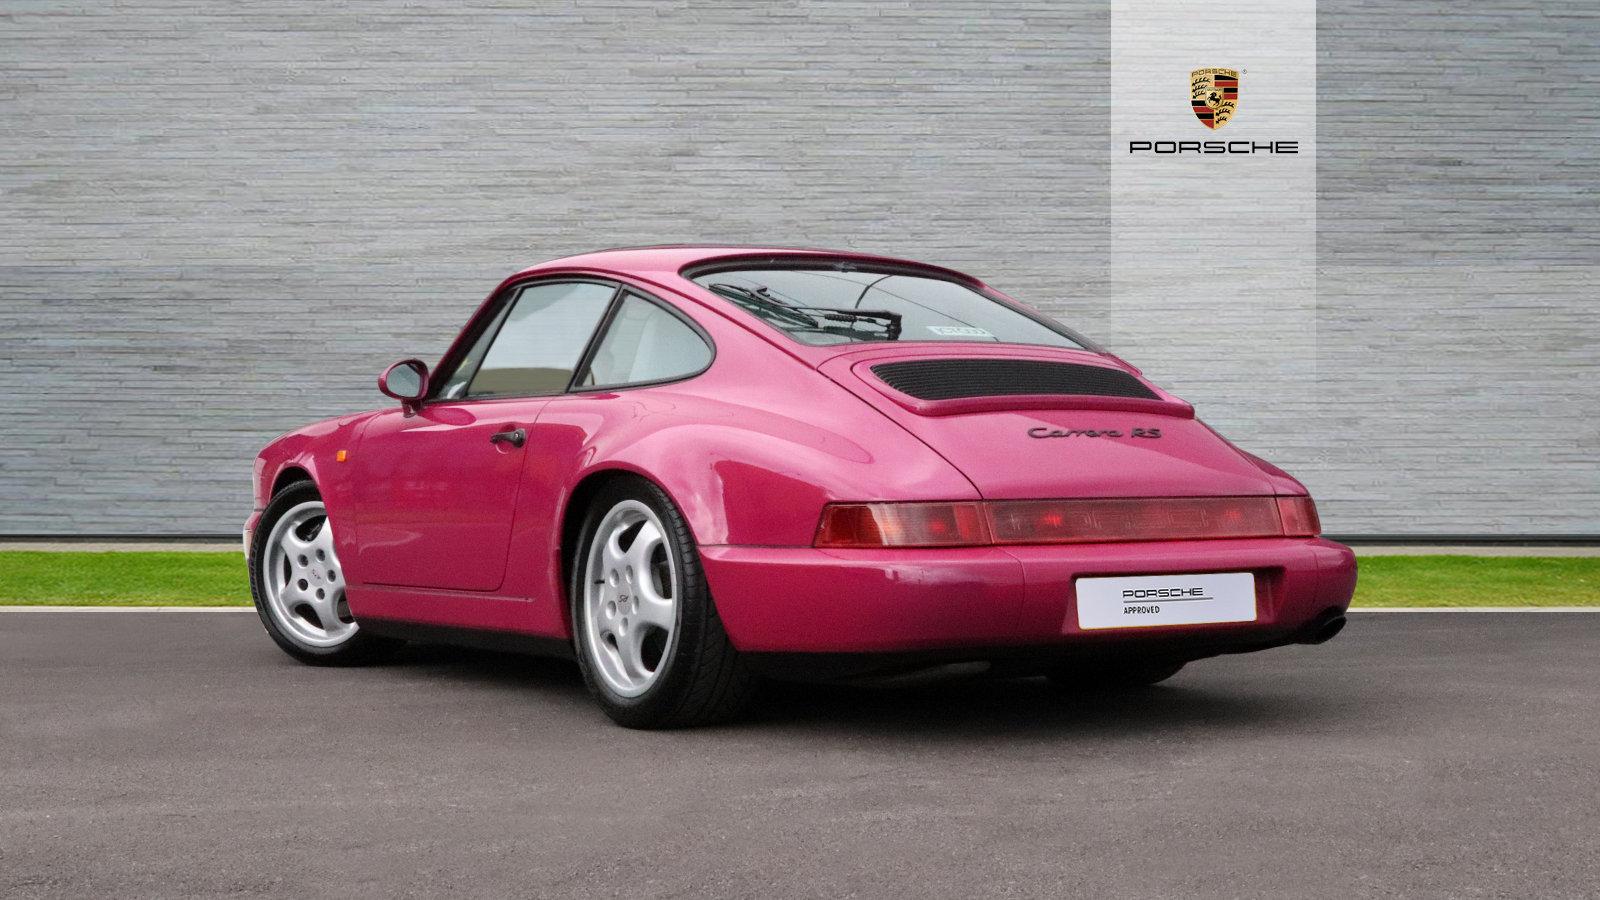 1991 Porsche 964 Carrera 4 Coupe For Sale (picture 2 of 6)